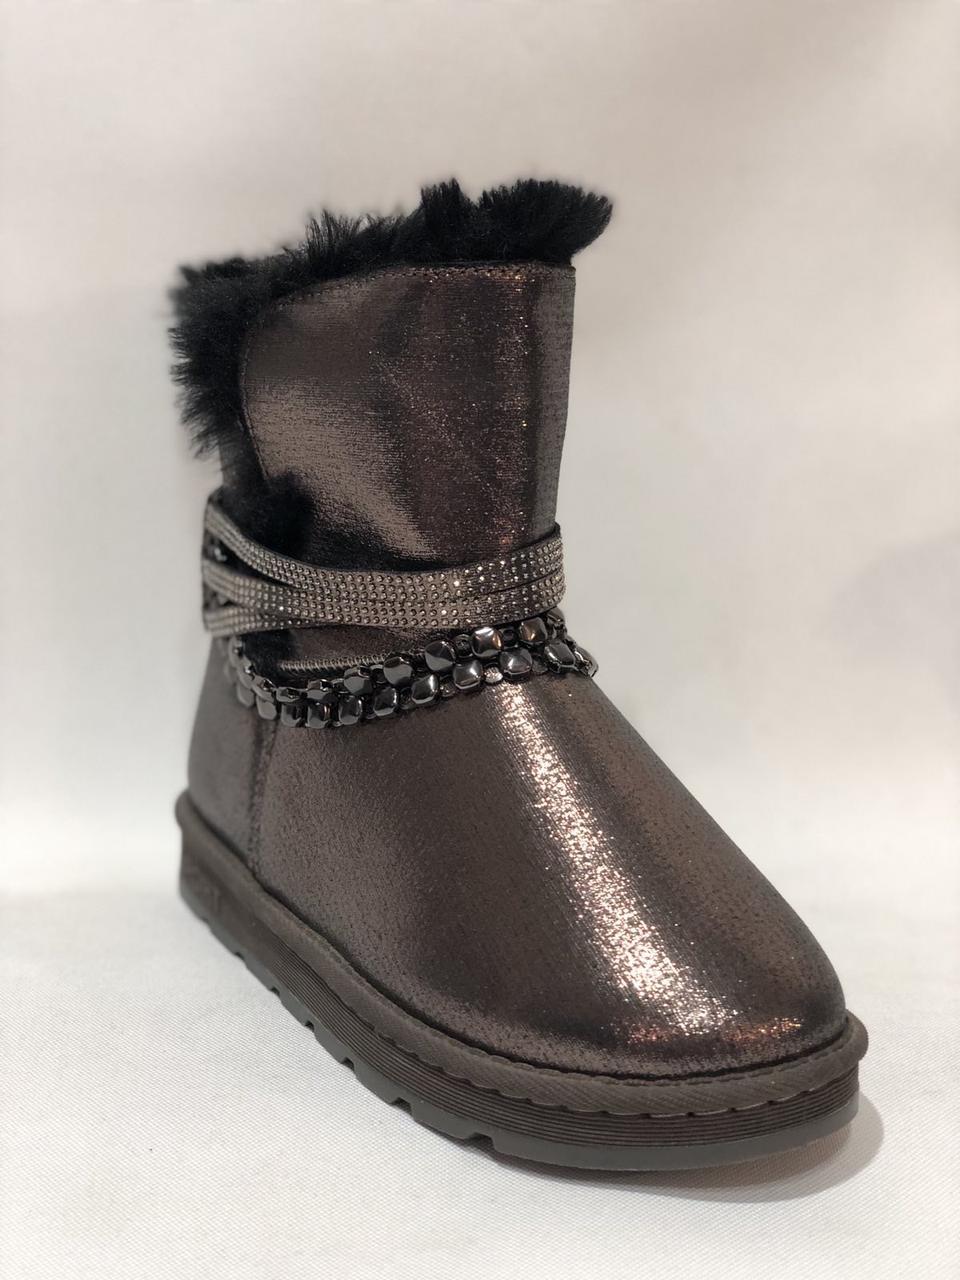 38 р. Жіночі чоботи на хутрі. Зимові теплі бронзові маломірки Остання пара